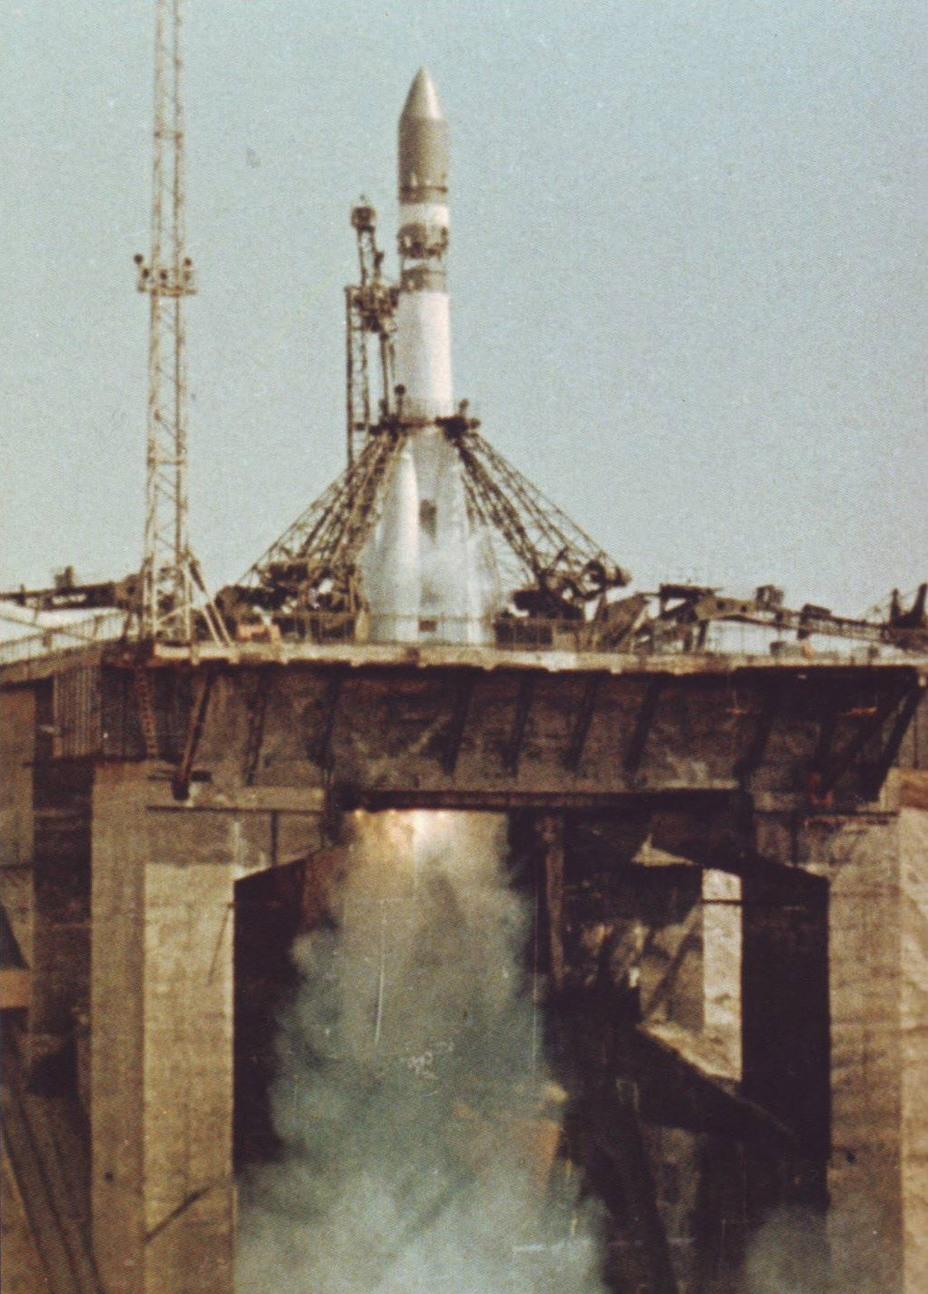 Запуск космического корабля «Восток» 12 апреля 1961 года. Кадр из кинофильма «10 лет космической эры»